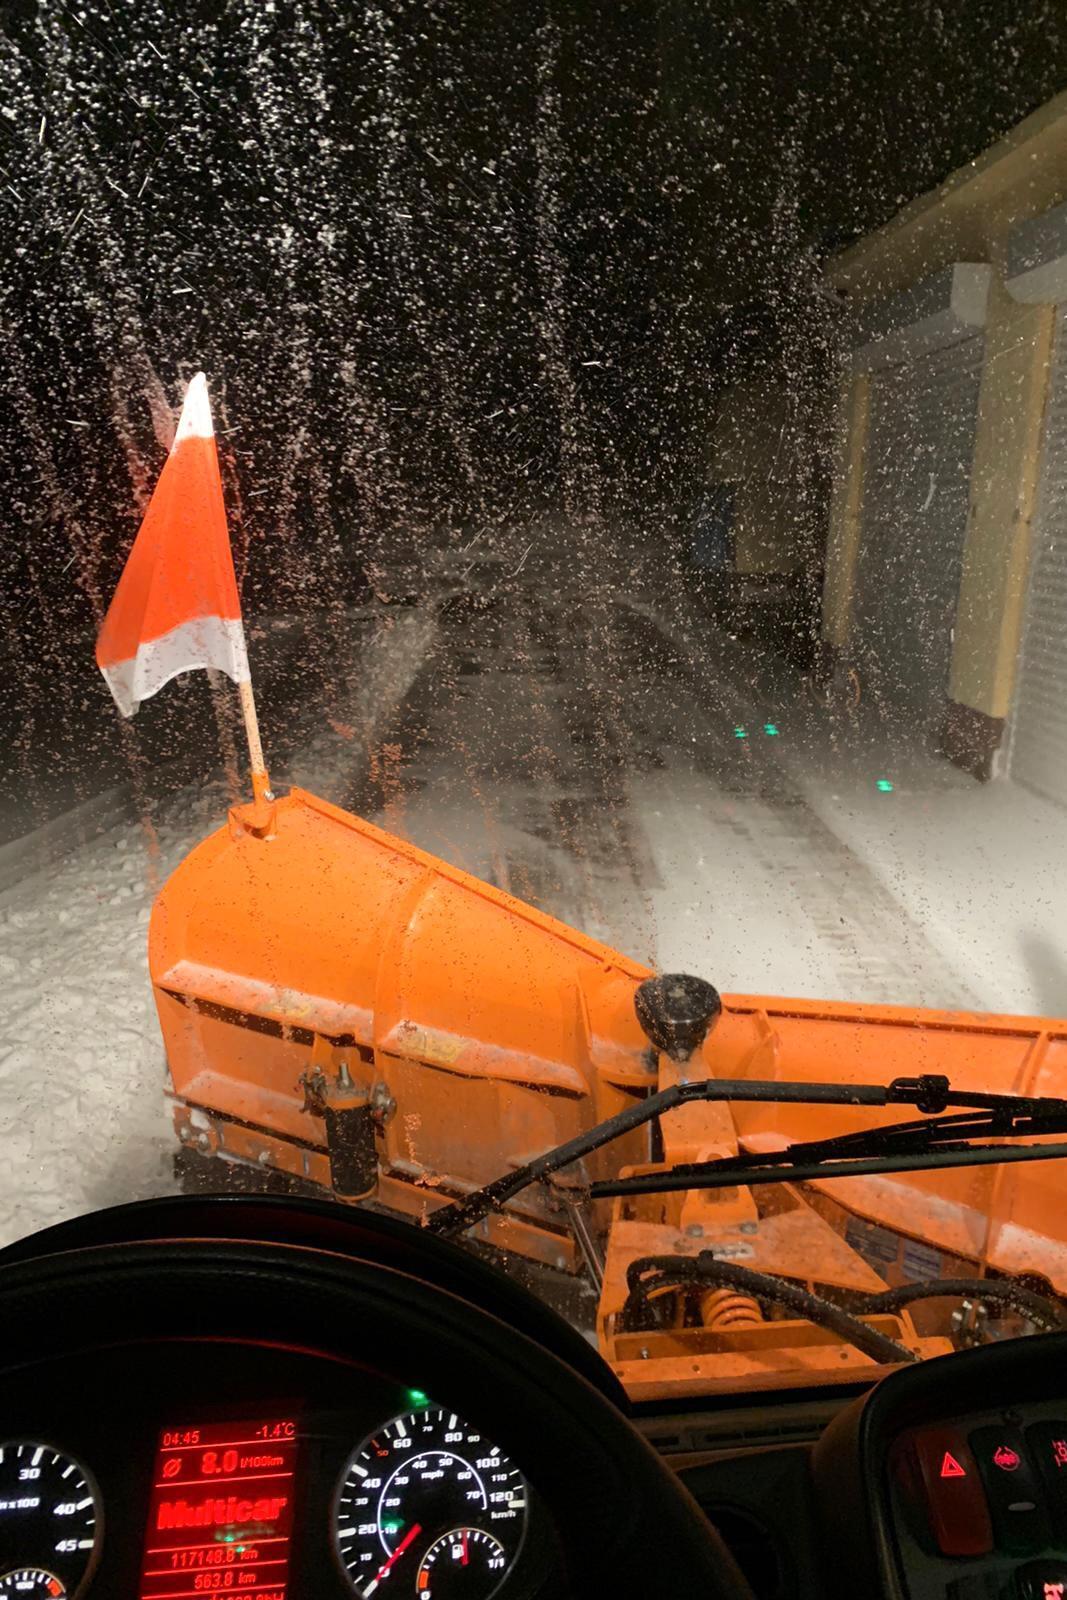 Räumung der einer Straße während des Schneefalls um 4:45 Uhr